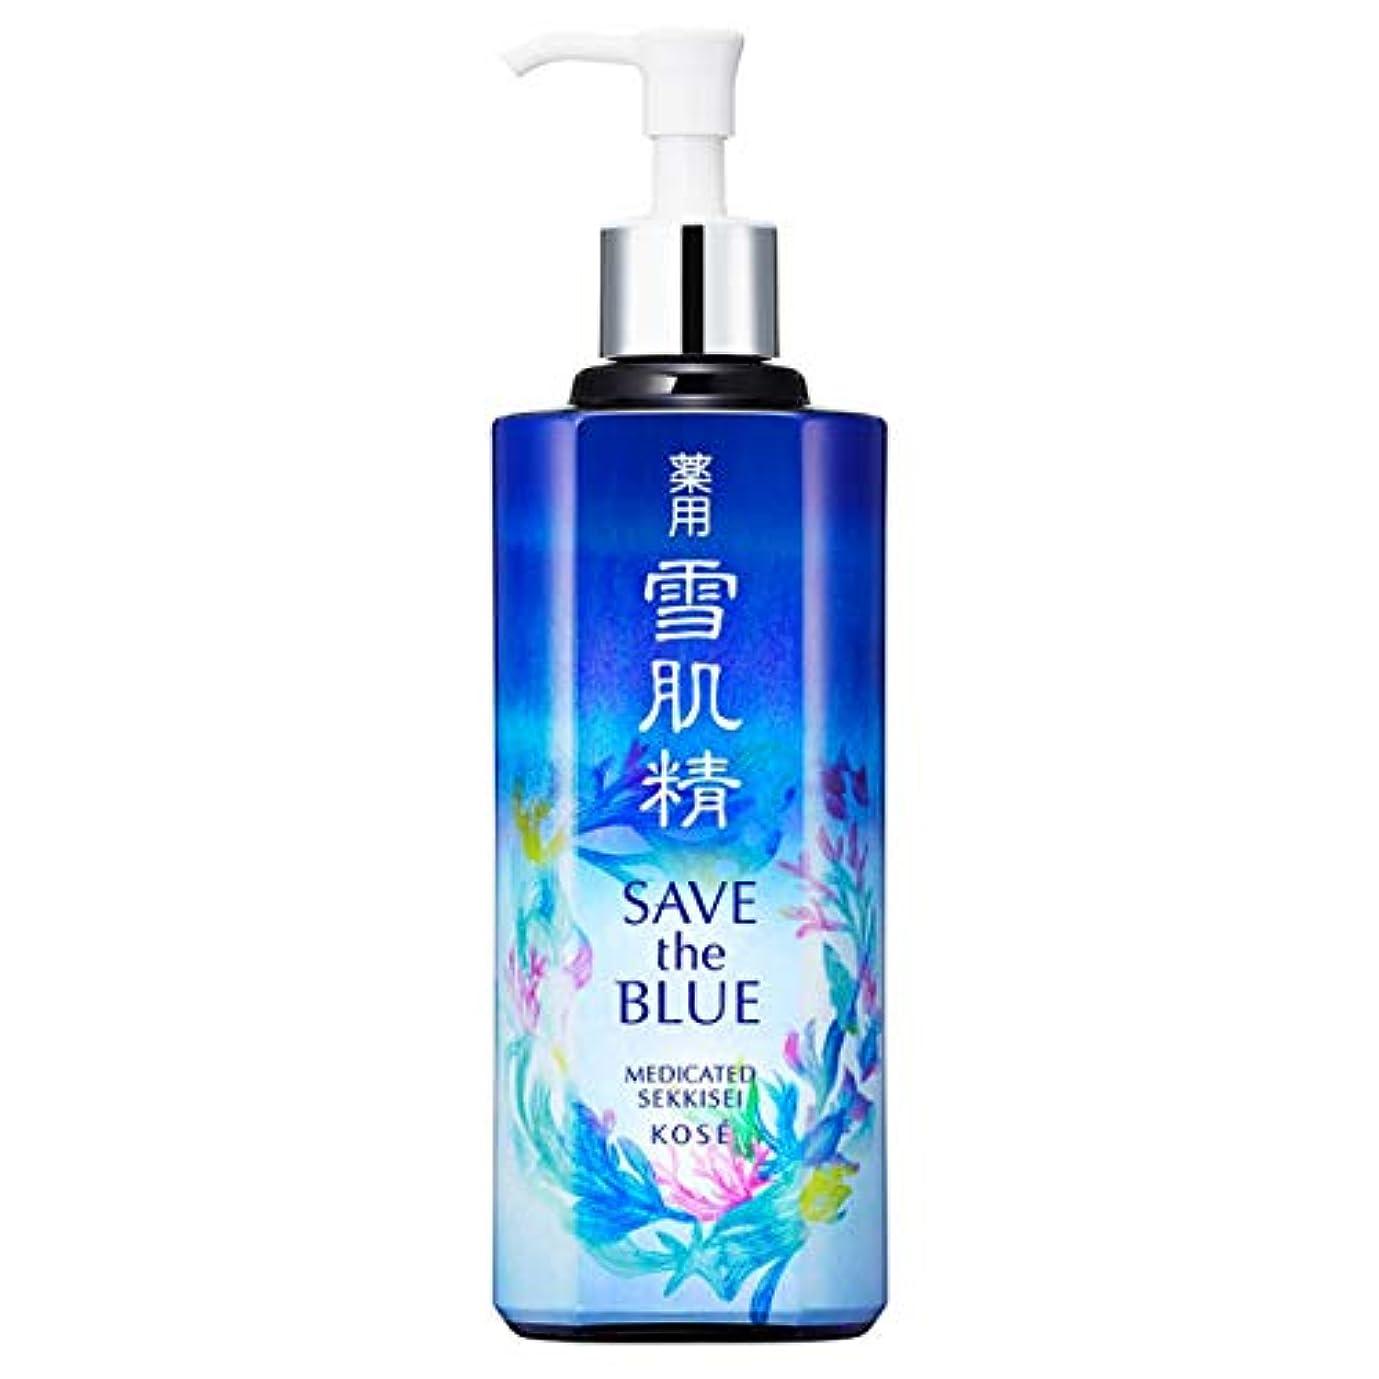 明快流す学ぶコーセー 雪肌精 化粧水 「SAVE the BLUE」デザインボトル(みずみずしいタイプ) 500ml【限定】